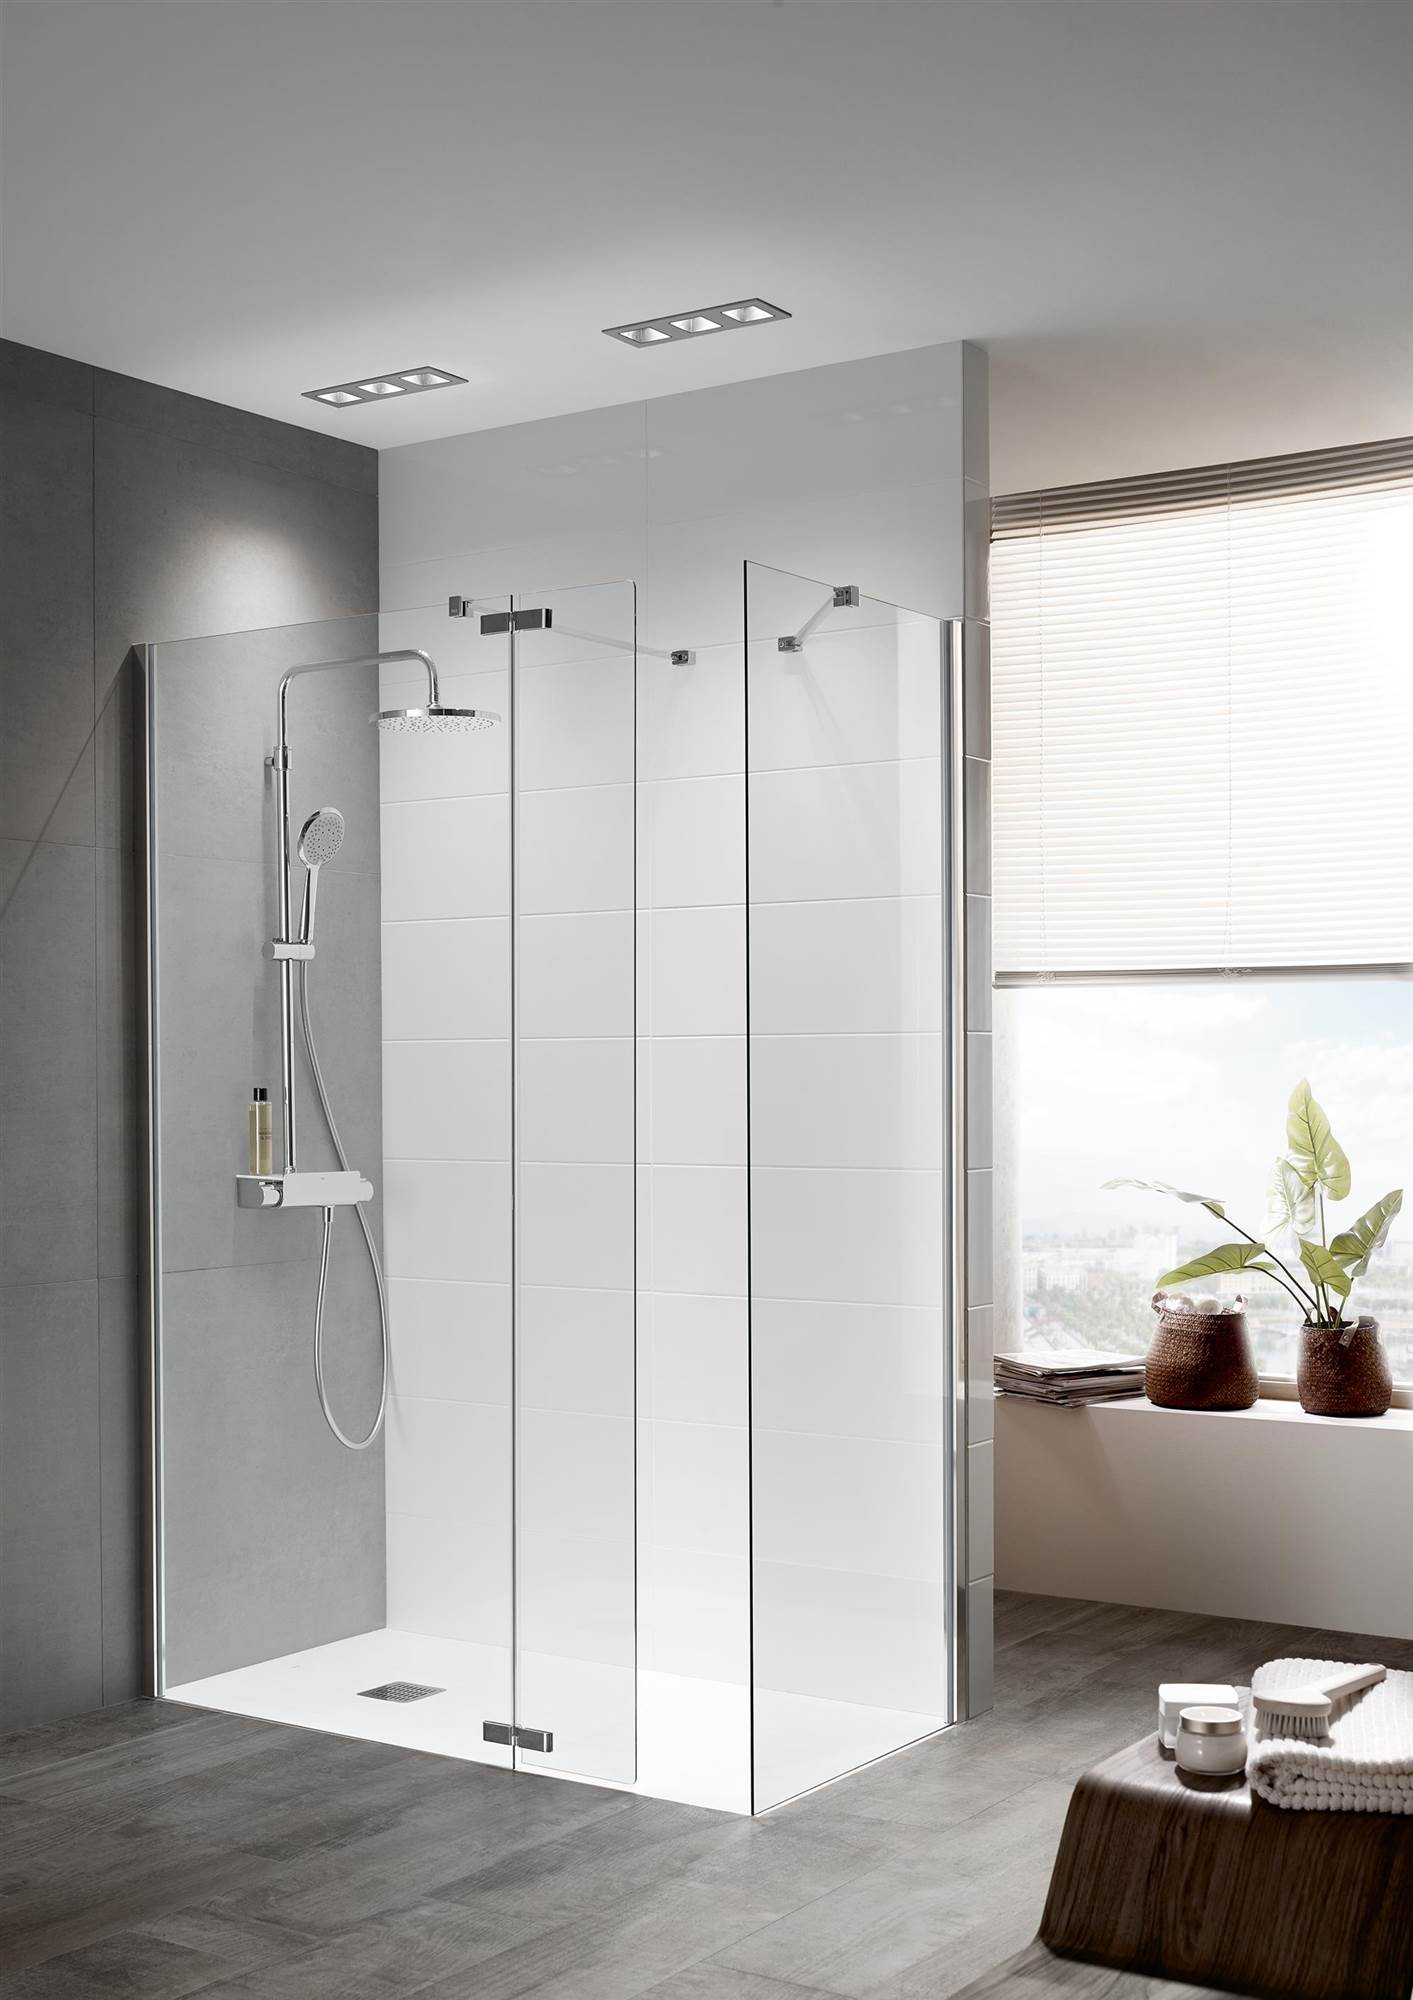 Claves para elegir la mampara de ducha for Como limpiar la mampara del bano